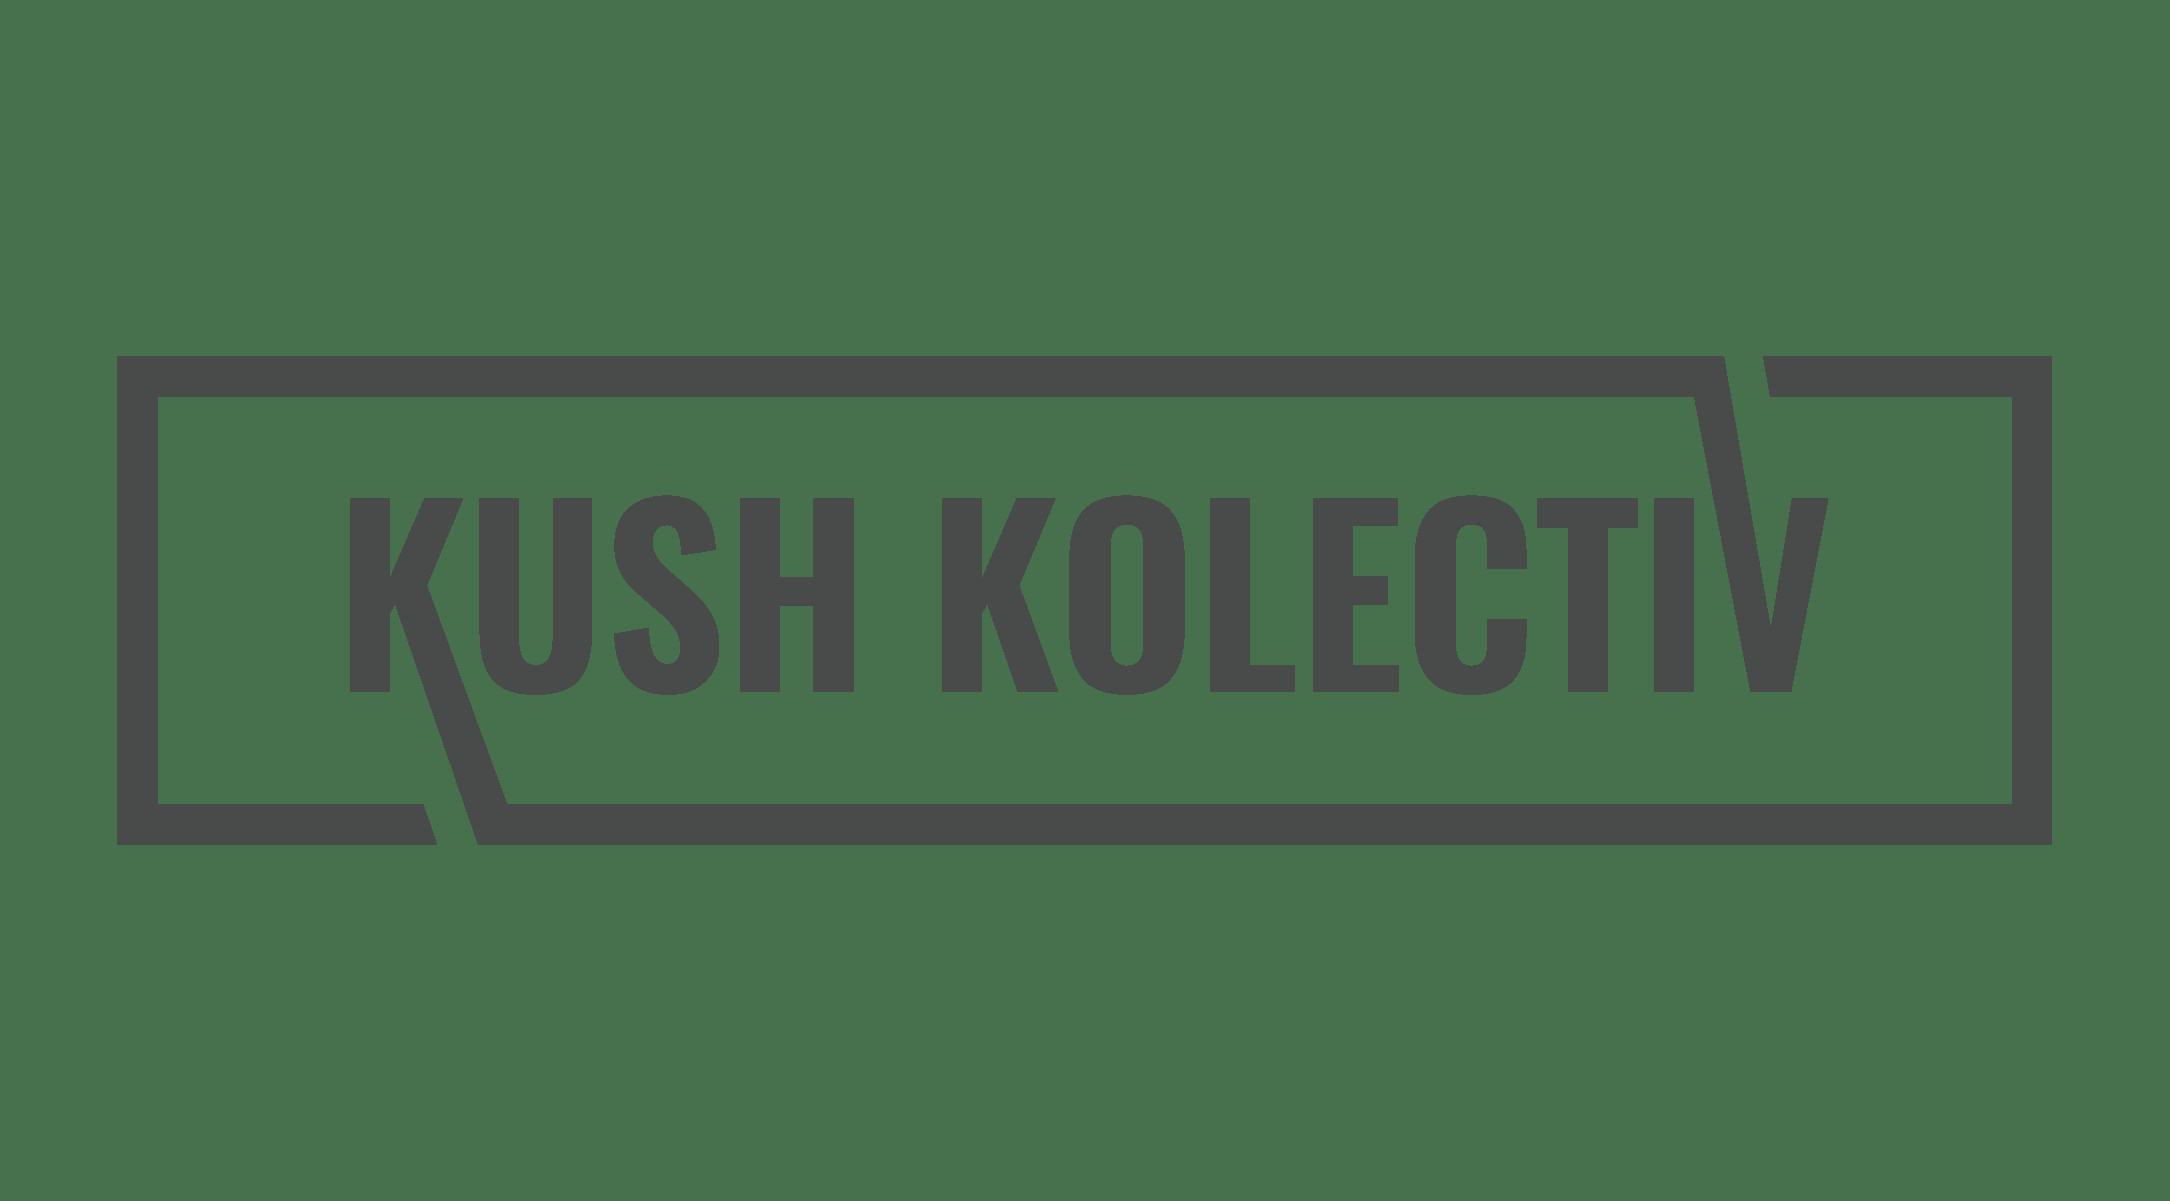 Kush Kolectiv